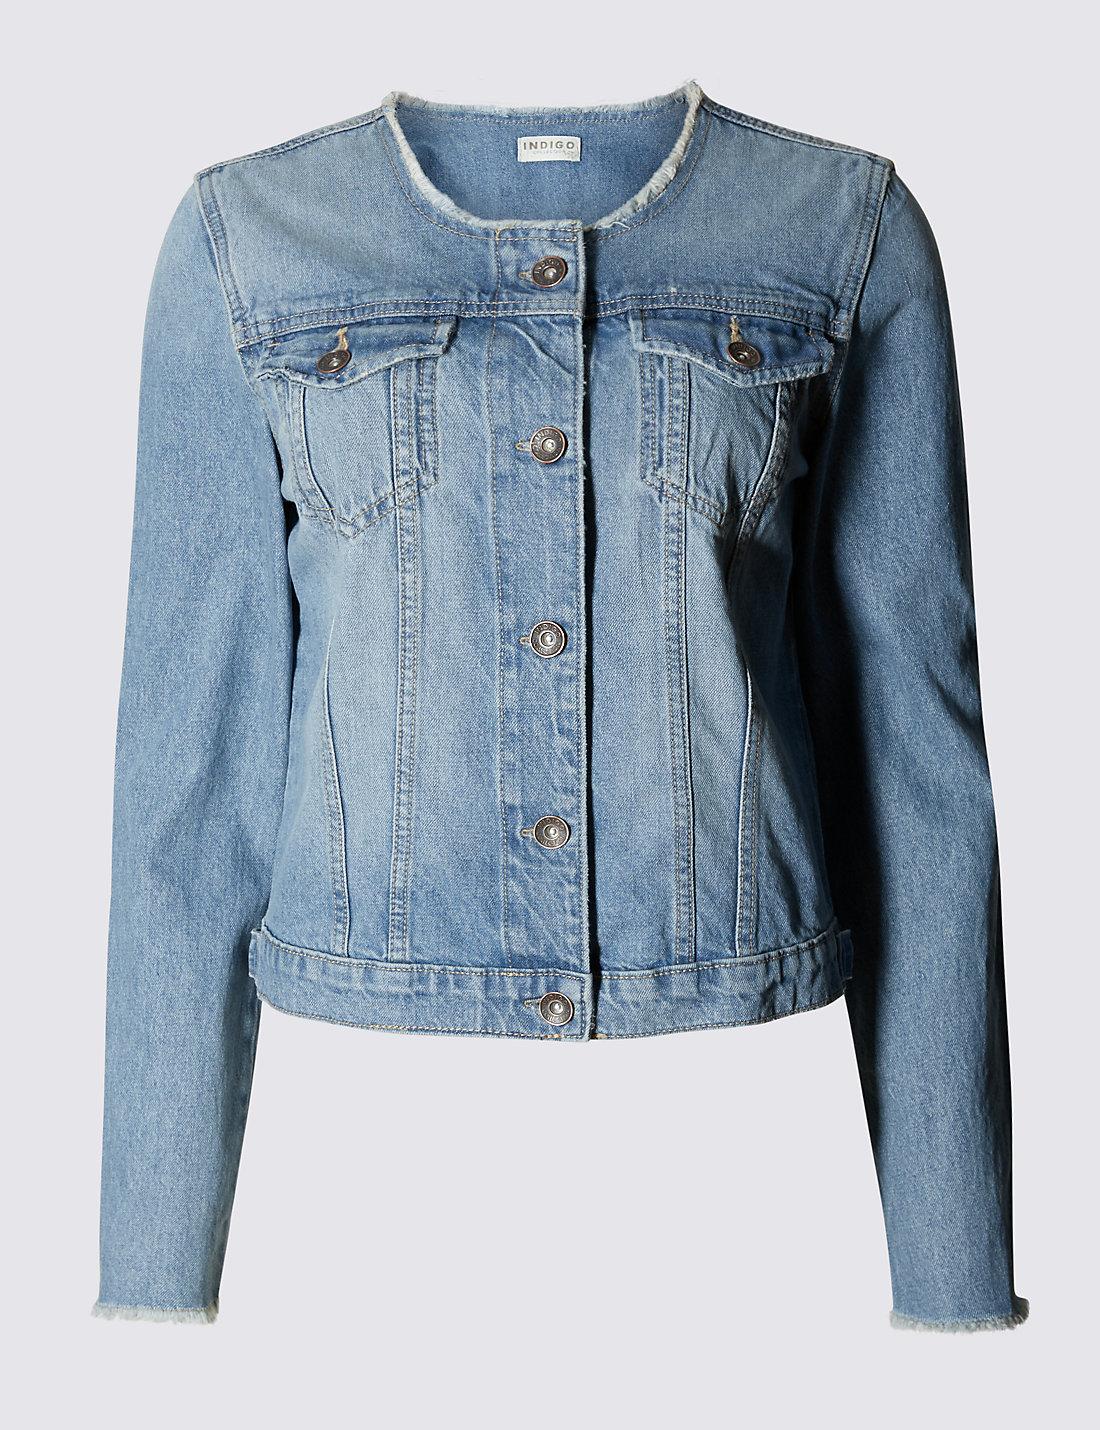 Collarless Denim Jacket - Collarless Denim Jacket M&S